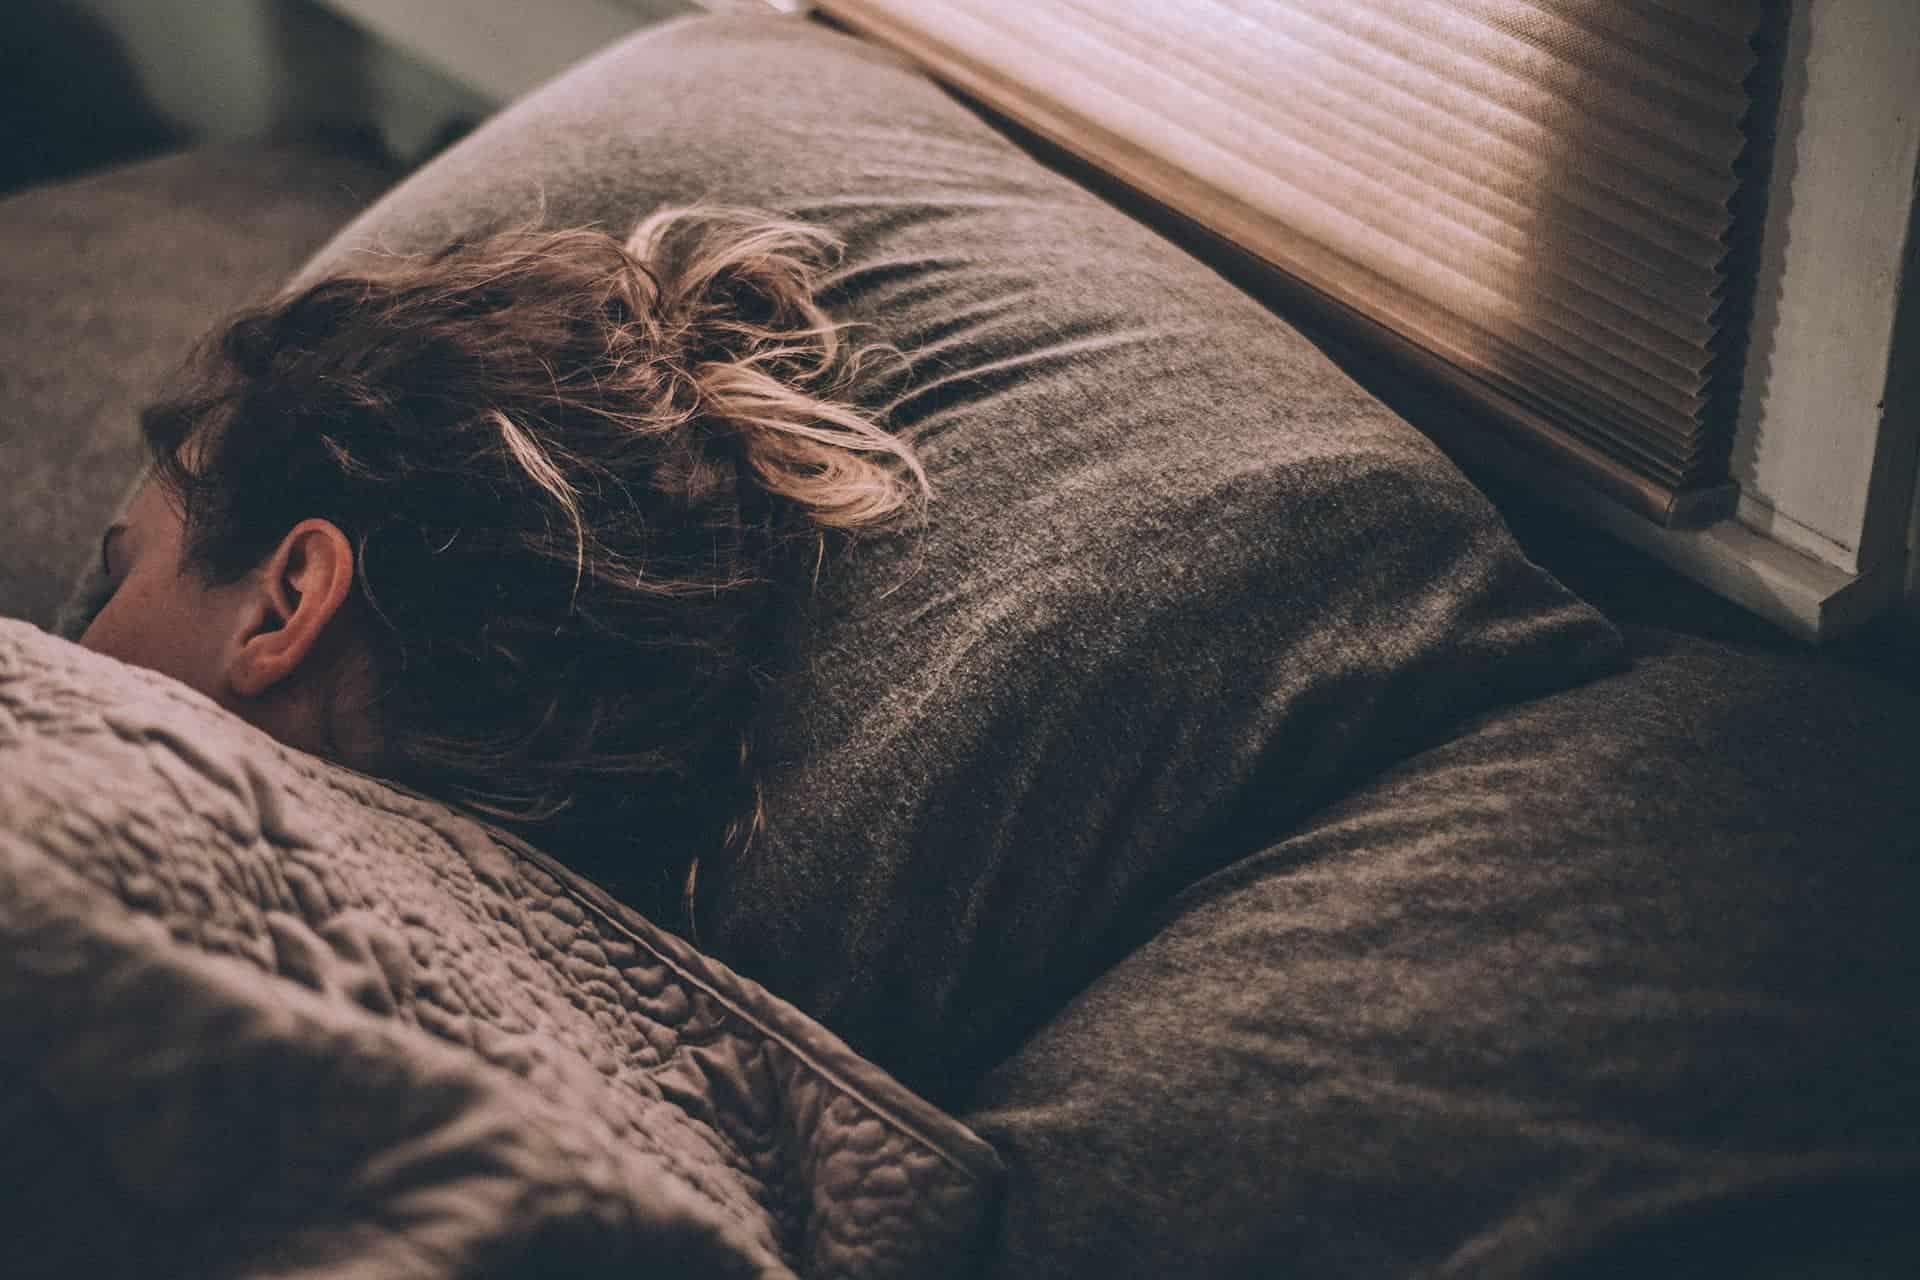 CBD for sleep and insomnia: Can cannabis help you sleep better?